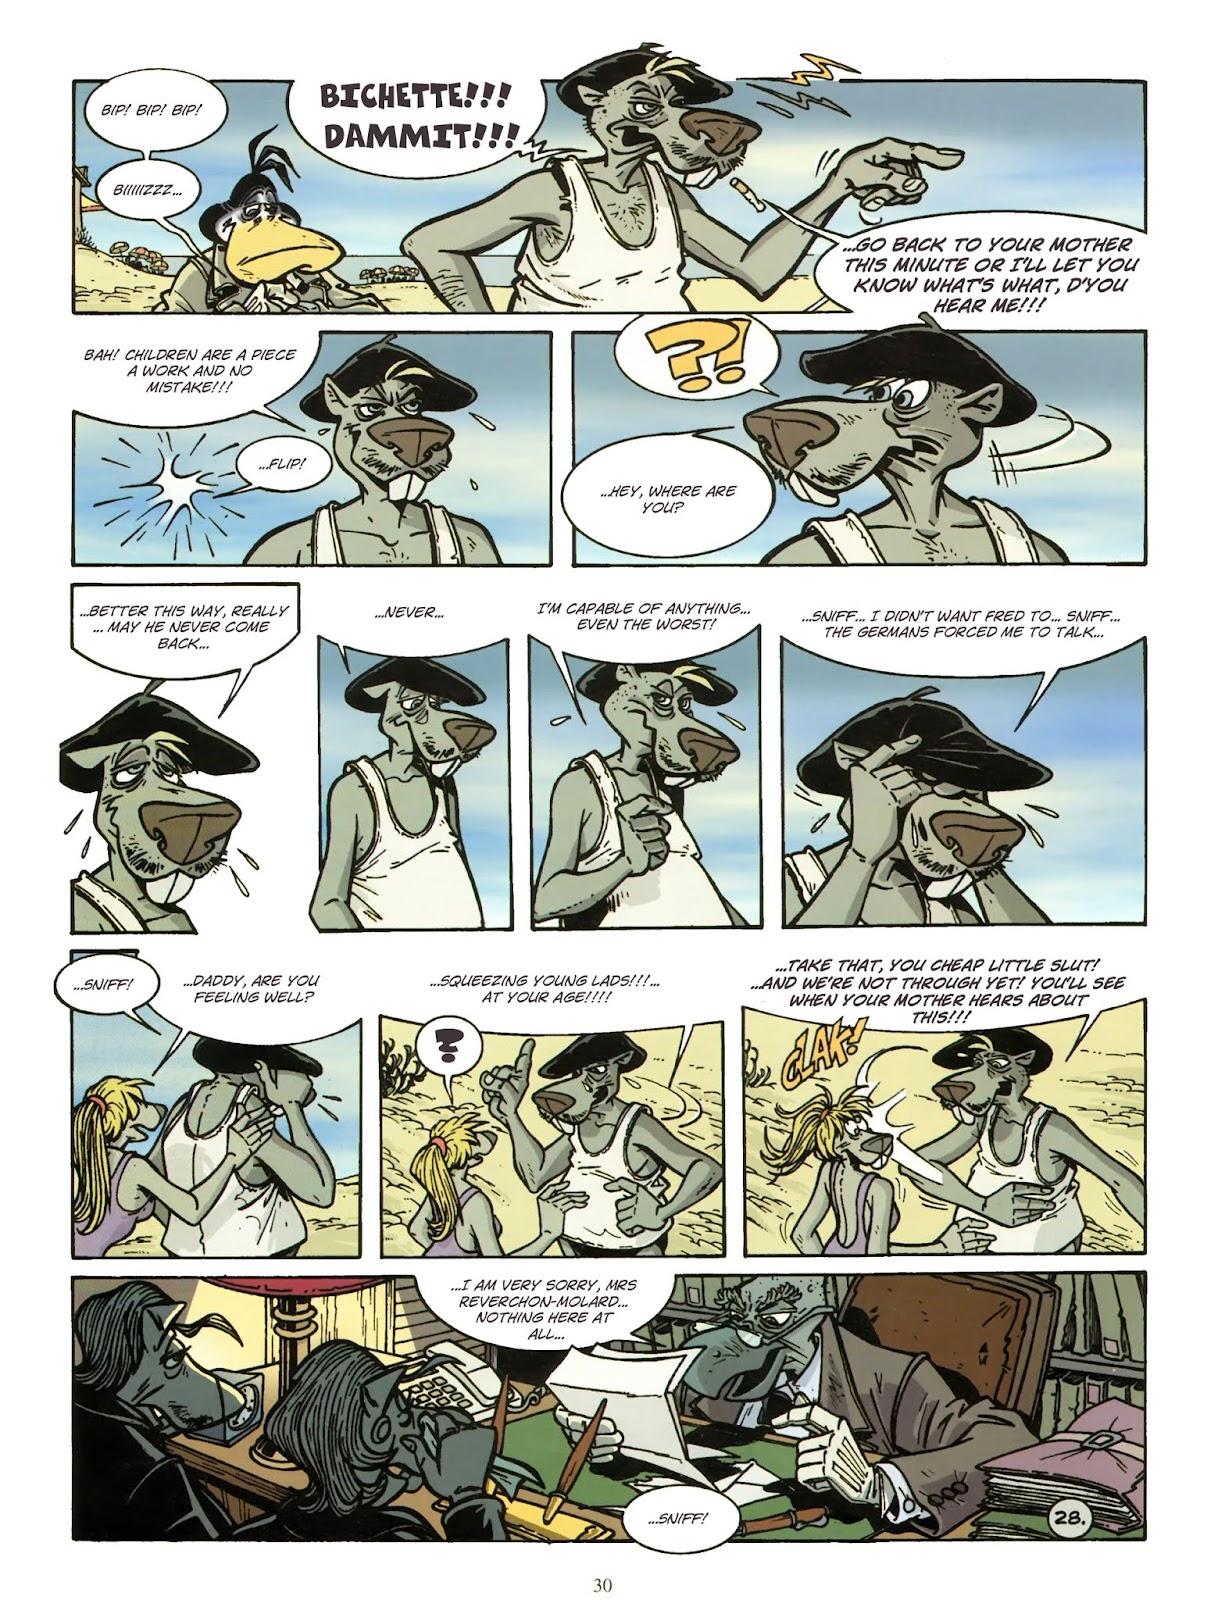 Une enquête de l'inspecteur Canardo issue 11 - Page 31